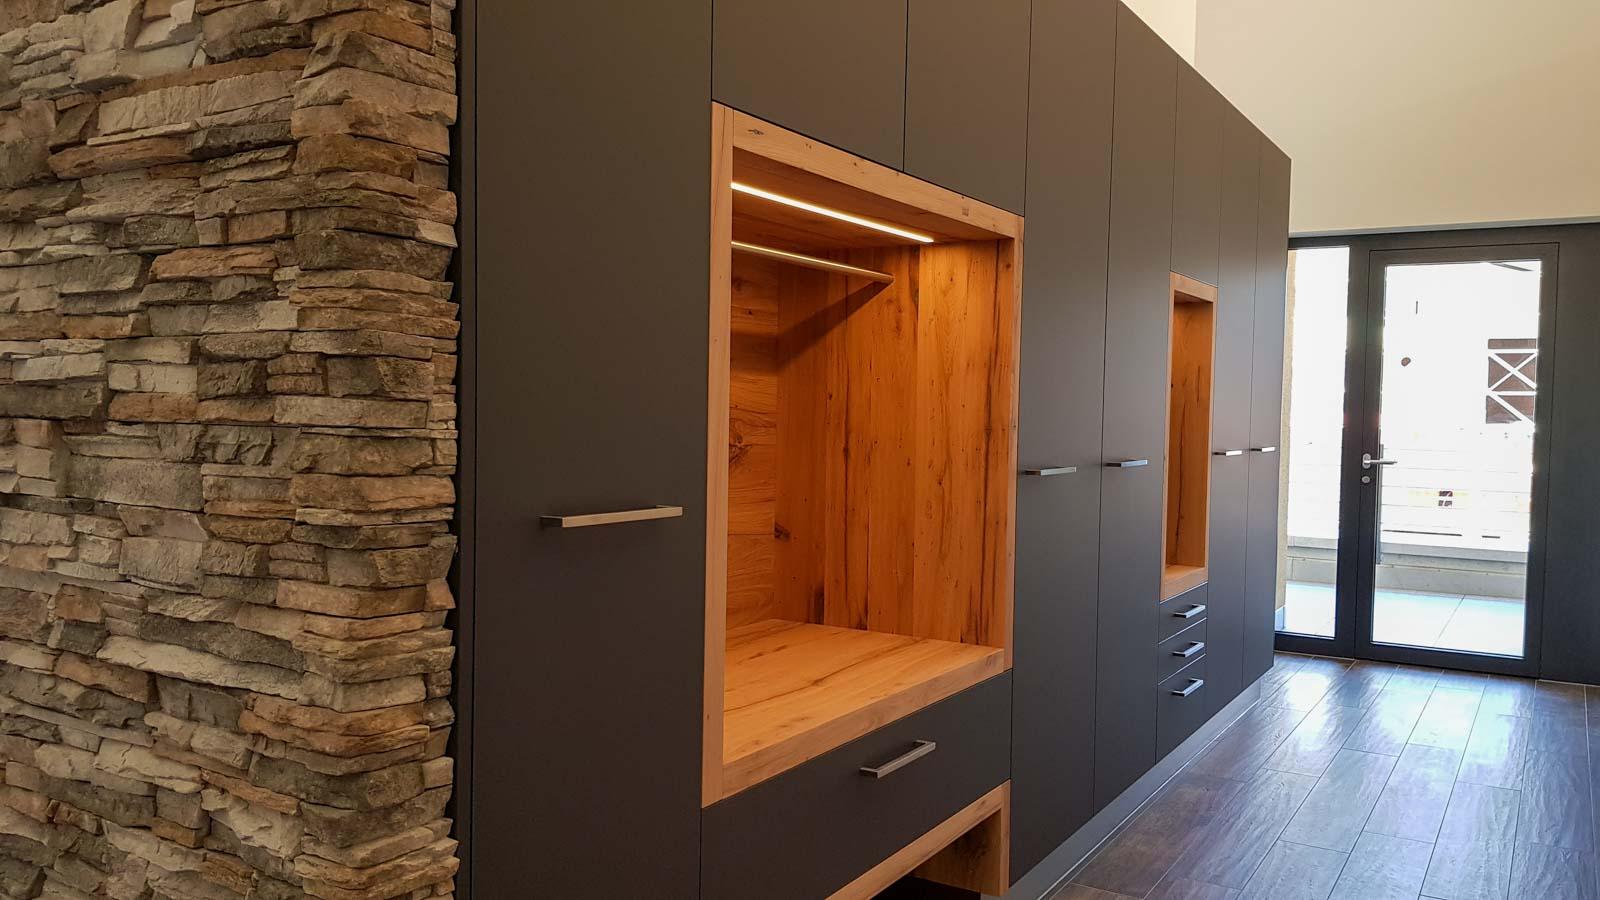 Wooddesign_Garderobe_Gästegarderobe_anthrazit_Eiche Altholz_Steinmauer_modern (8)